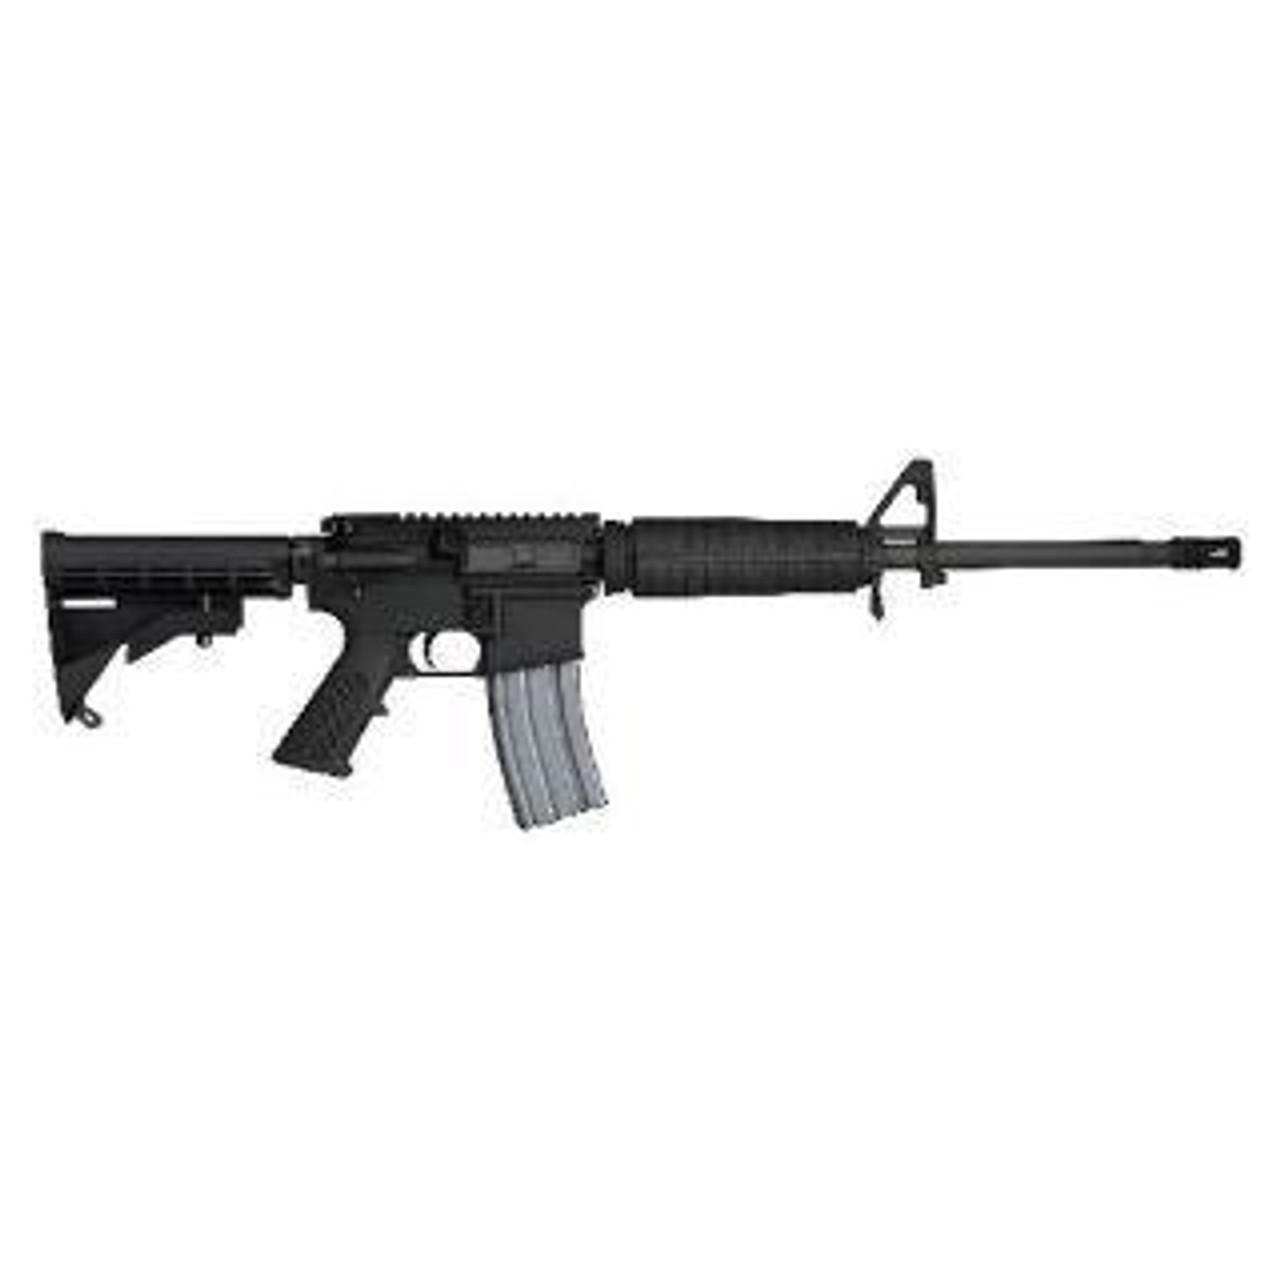 COLT EXPANSE M4 CARBINE- CALIFORNIA LEGAL- .223/5.56